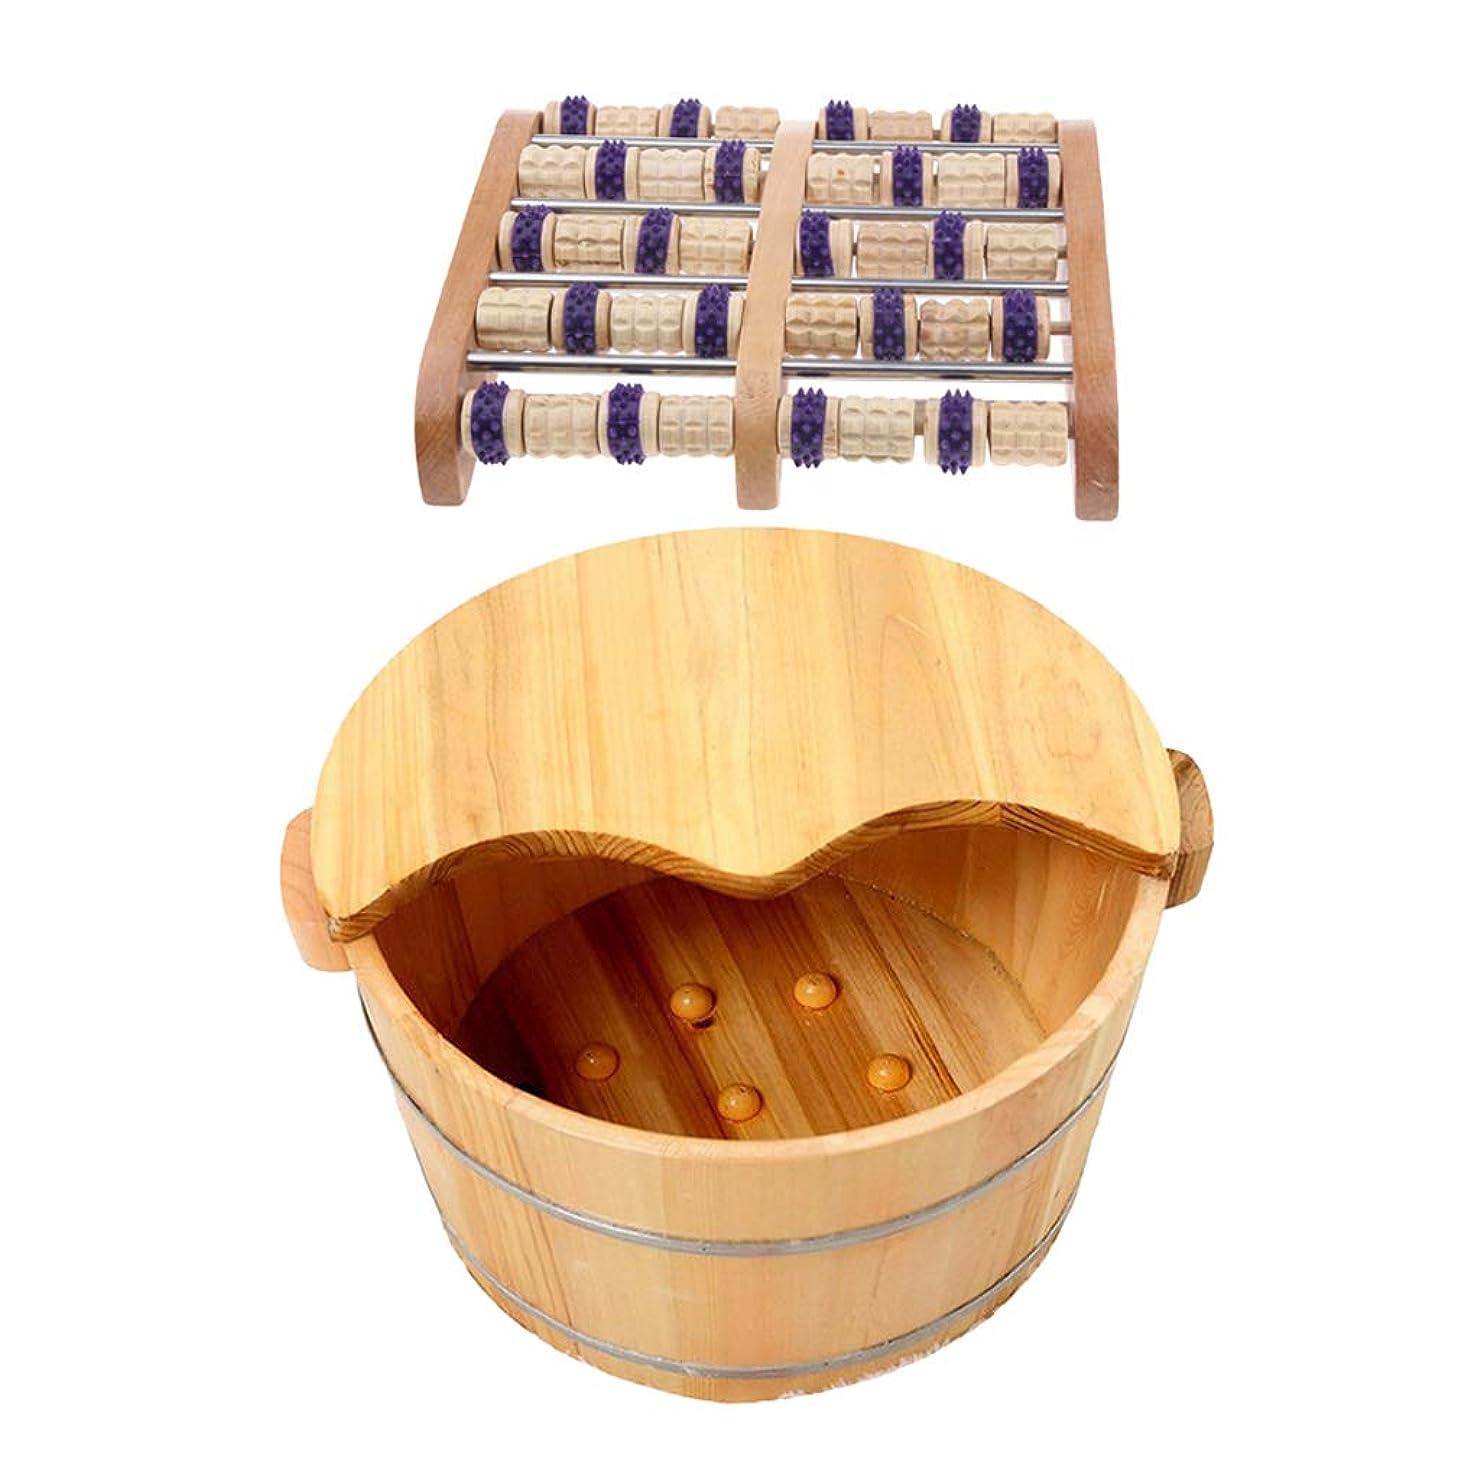 試験アトミック吸うFenteer 足つぼマッサージ 手作りウッドマッサー フット ローラー 足裏刺激 血行促進 木製の足の洗面台付き